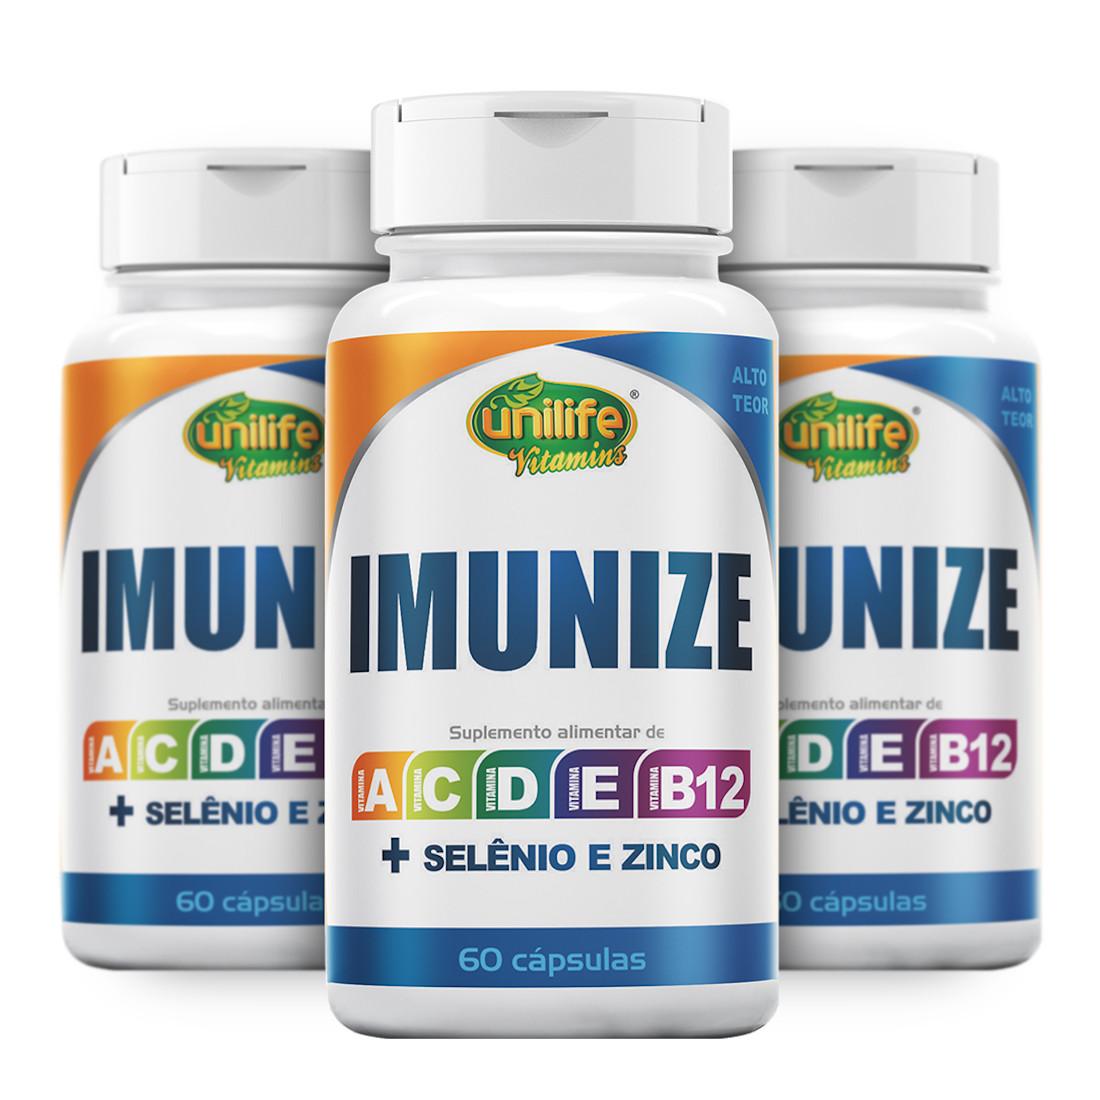 Imunize Selênio Zinco e Vitaminas A C D E B12 Alto Teor 60 cáps de 600mg Kit com 3